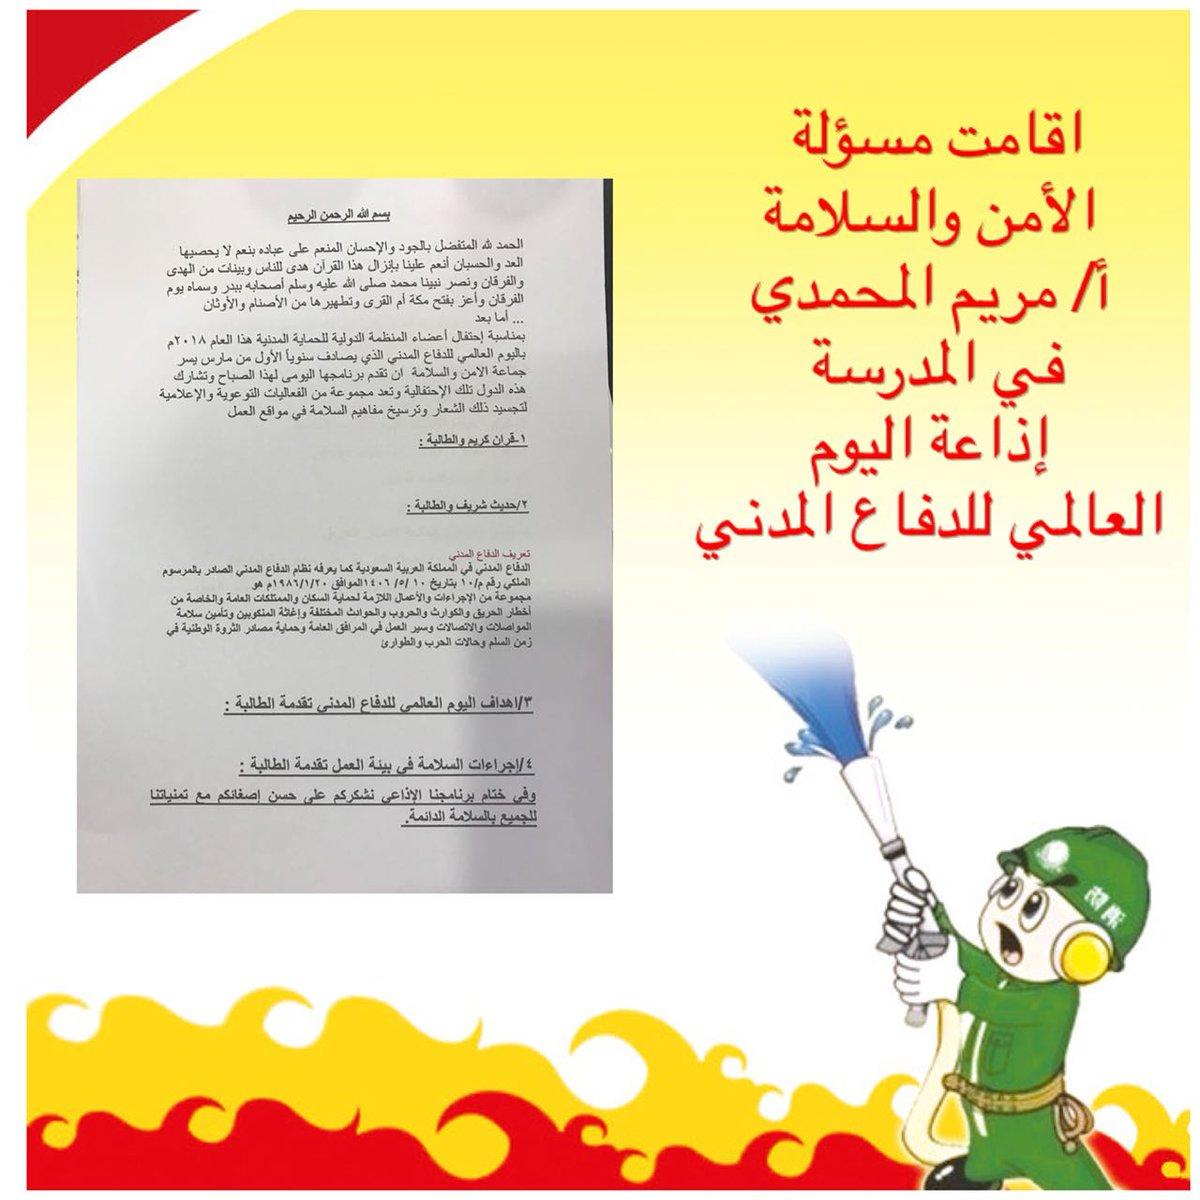 رقم الدفاع المدني السعودي كرتون